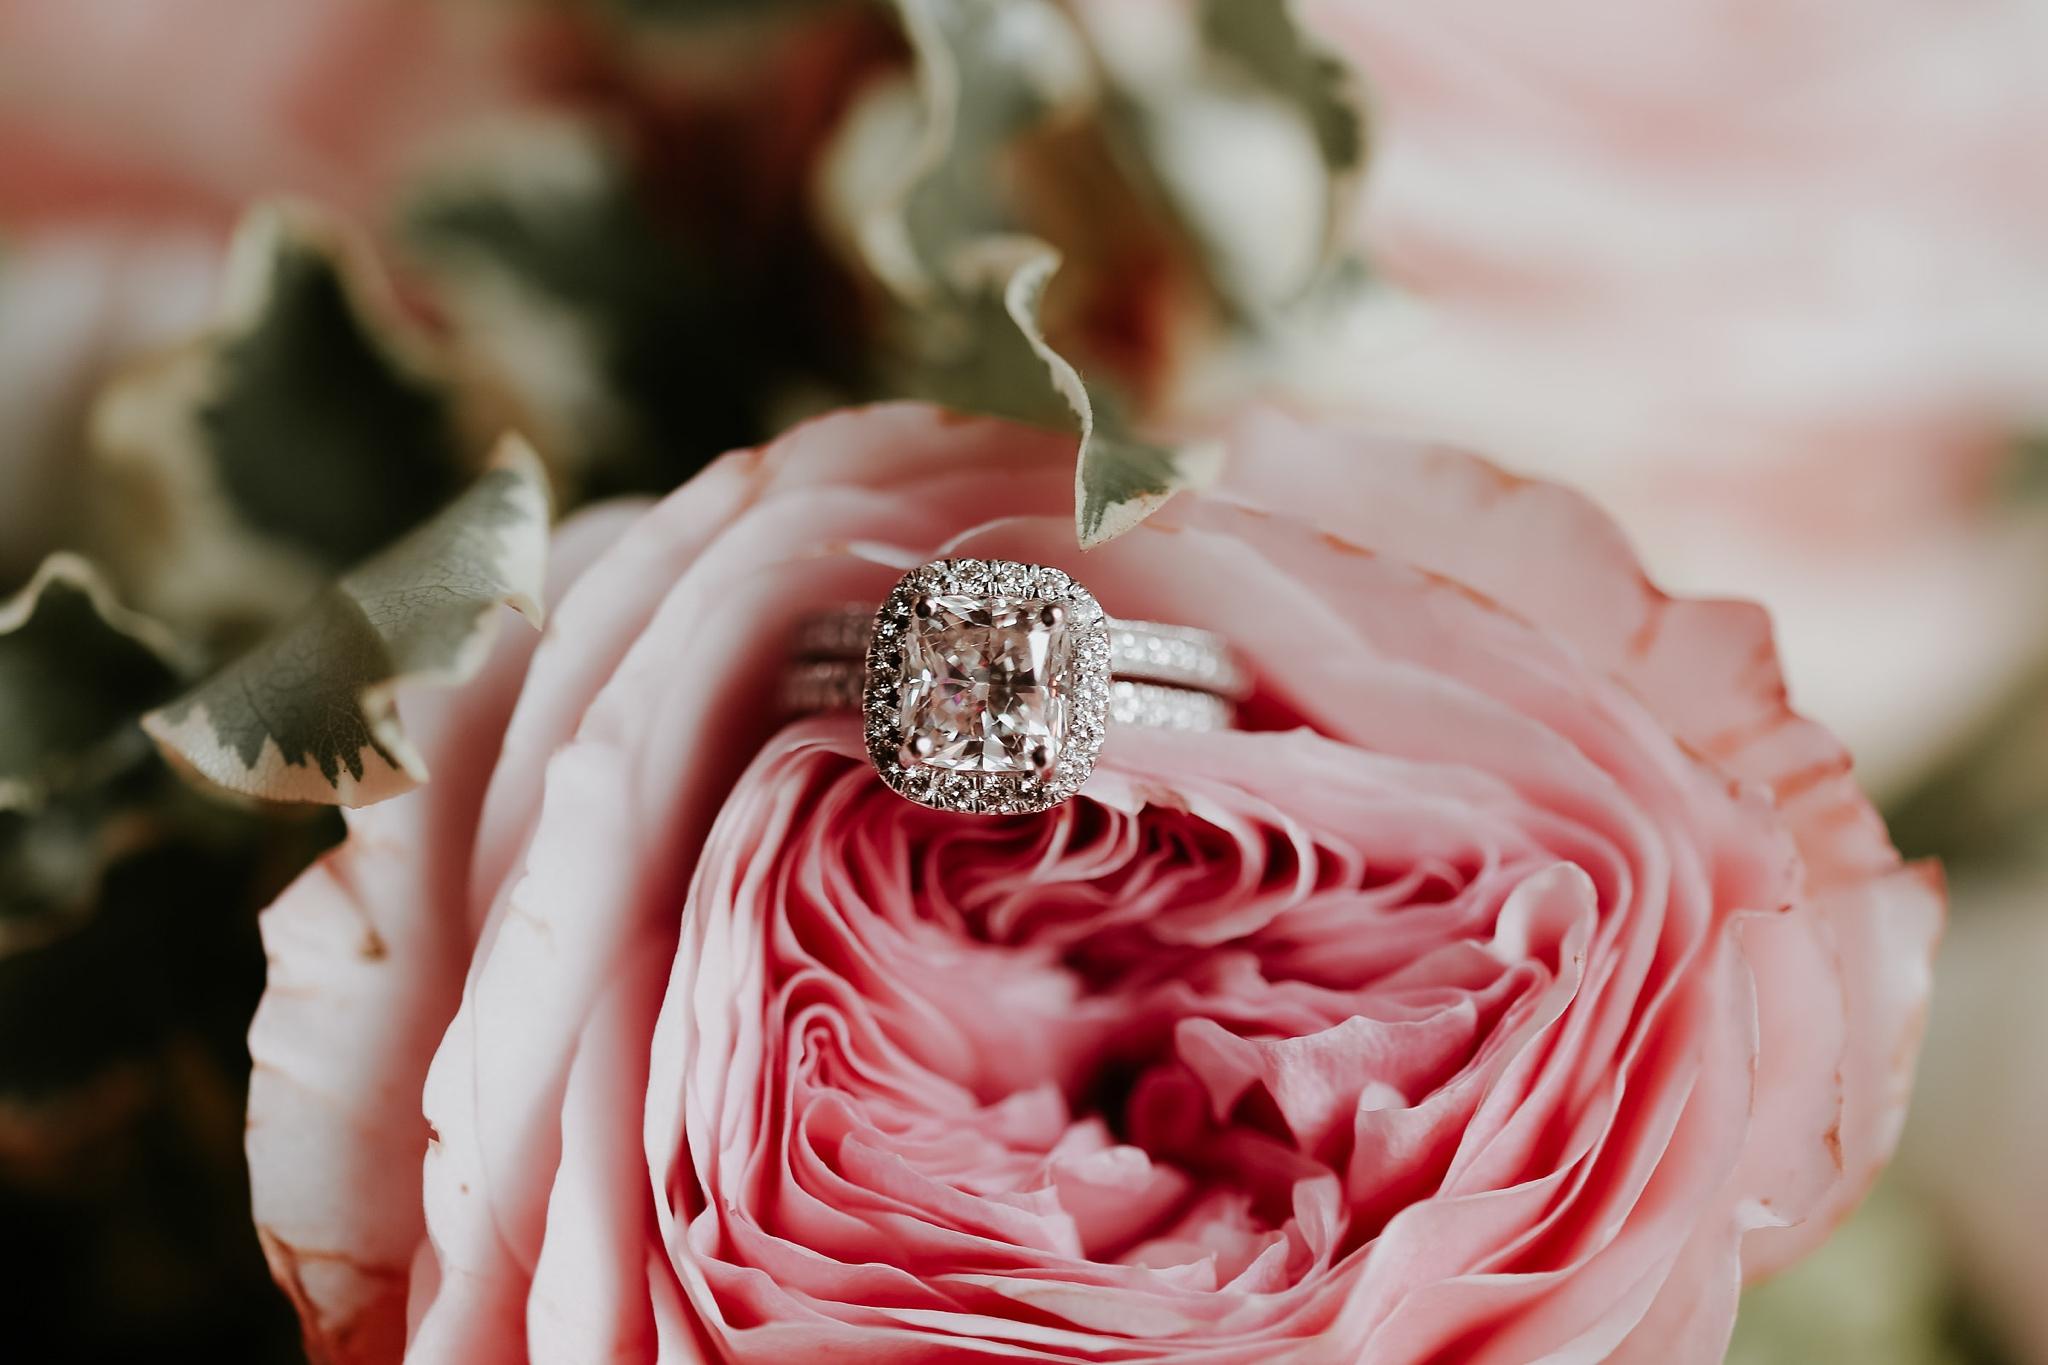 Alicia+lucia+photography+-+albuquerque+wedding+photographer+-+santa+fe+wedding+photography+-+new+mexico+wedding+photographer+-+new+mexico+wedding+-+santa+fe+wedding+-+albuquerque+wedding+-+wedding+rings+-+engagement+rings_0041.jpg